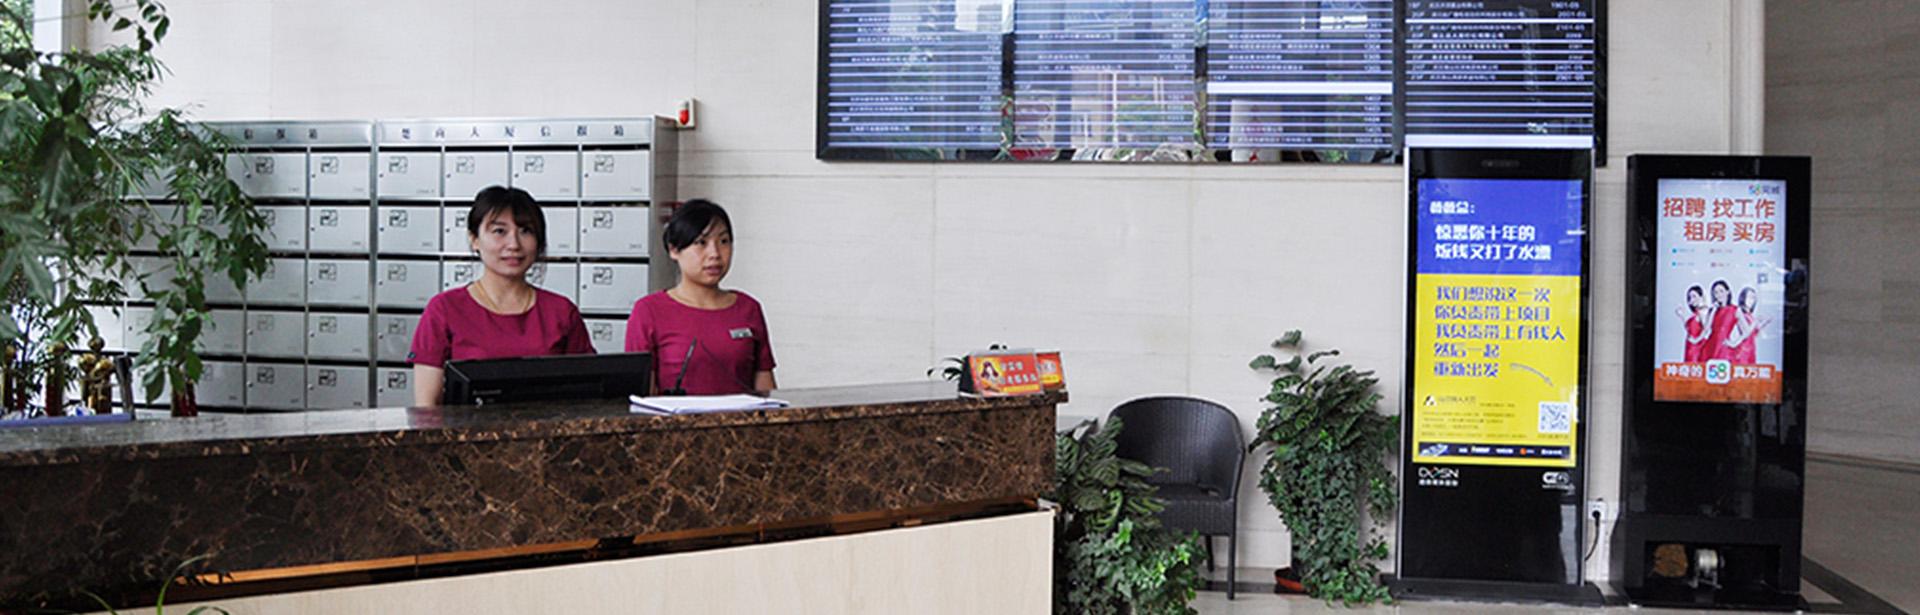 武汉海山金谷物业服务有限公司成立于2009年11月,系武汉海山投资集团有限公司全资子公司,具有国家物业服务二级资质证书。公司目前服务的项目有海山金谷天城、海山友谊城、海山应置城及海山幸福湾,合同面积达81万平方米,服务5000余户家庭。武汉海山金谷物业服务有限公司秉承海山企业文化贴心服务、诚信为人,一直以来以其优质服务、高效管理,为业主营造了安全、舒适、和谐、文明的生活社区,得到了广大业主的肯定和支持,曾荣获武汉市守合同重信用企业 、武汉市武昌区平安商务楼 、武汉市武昌